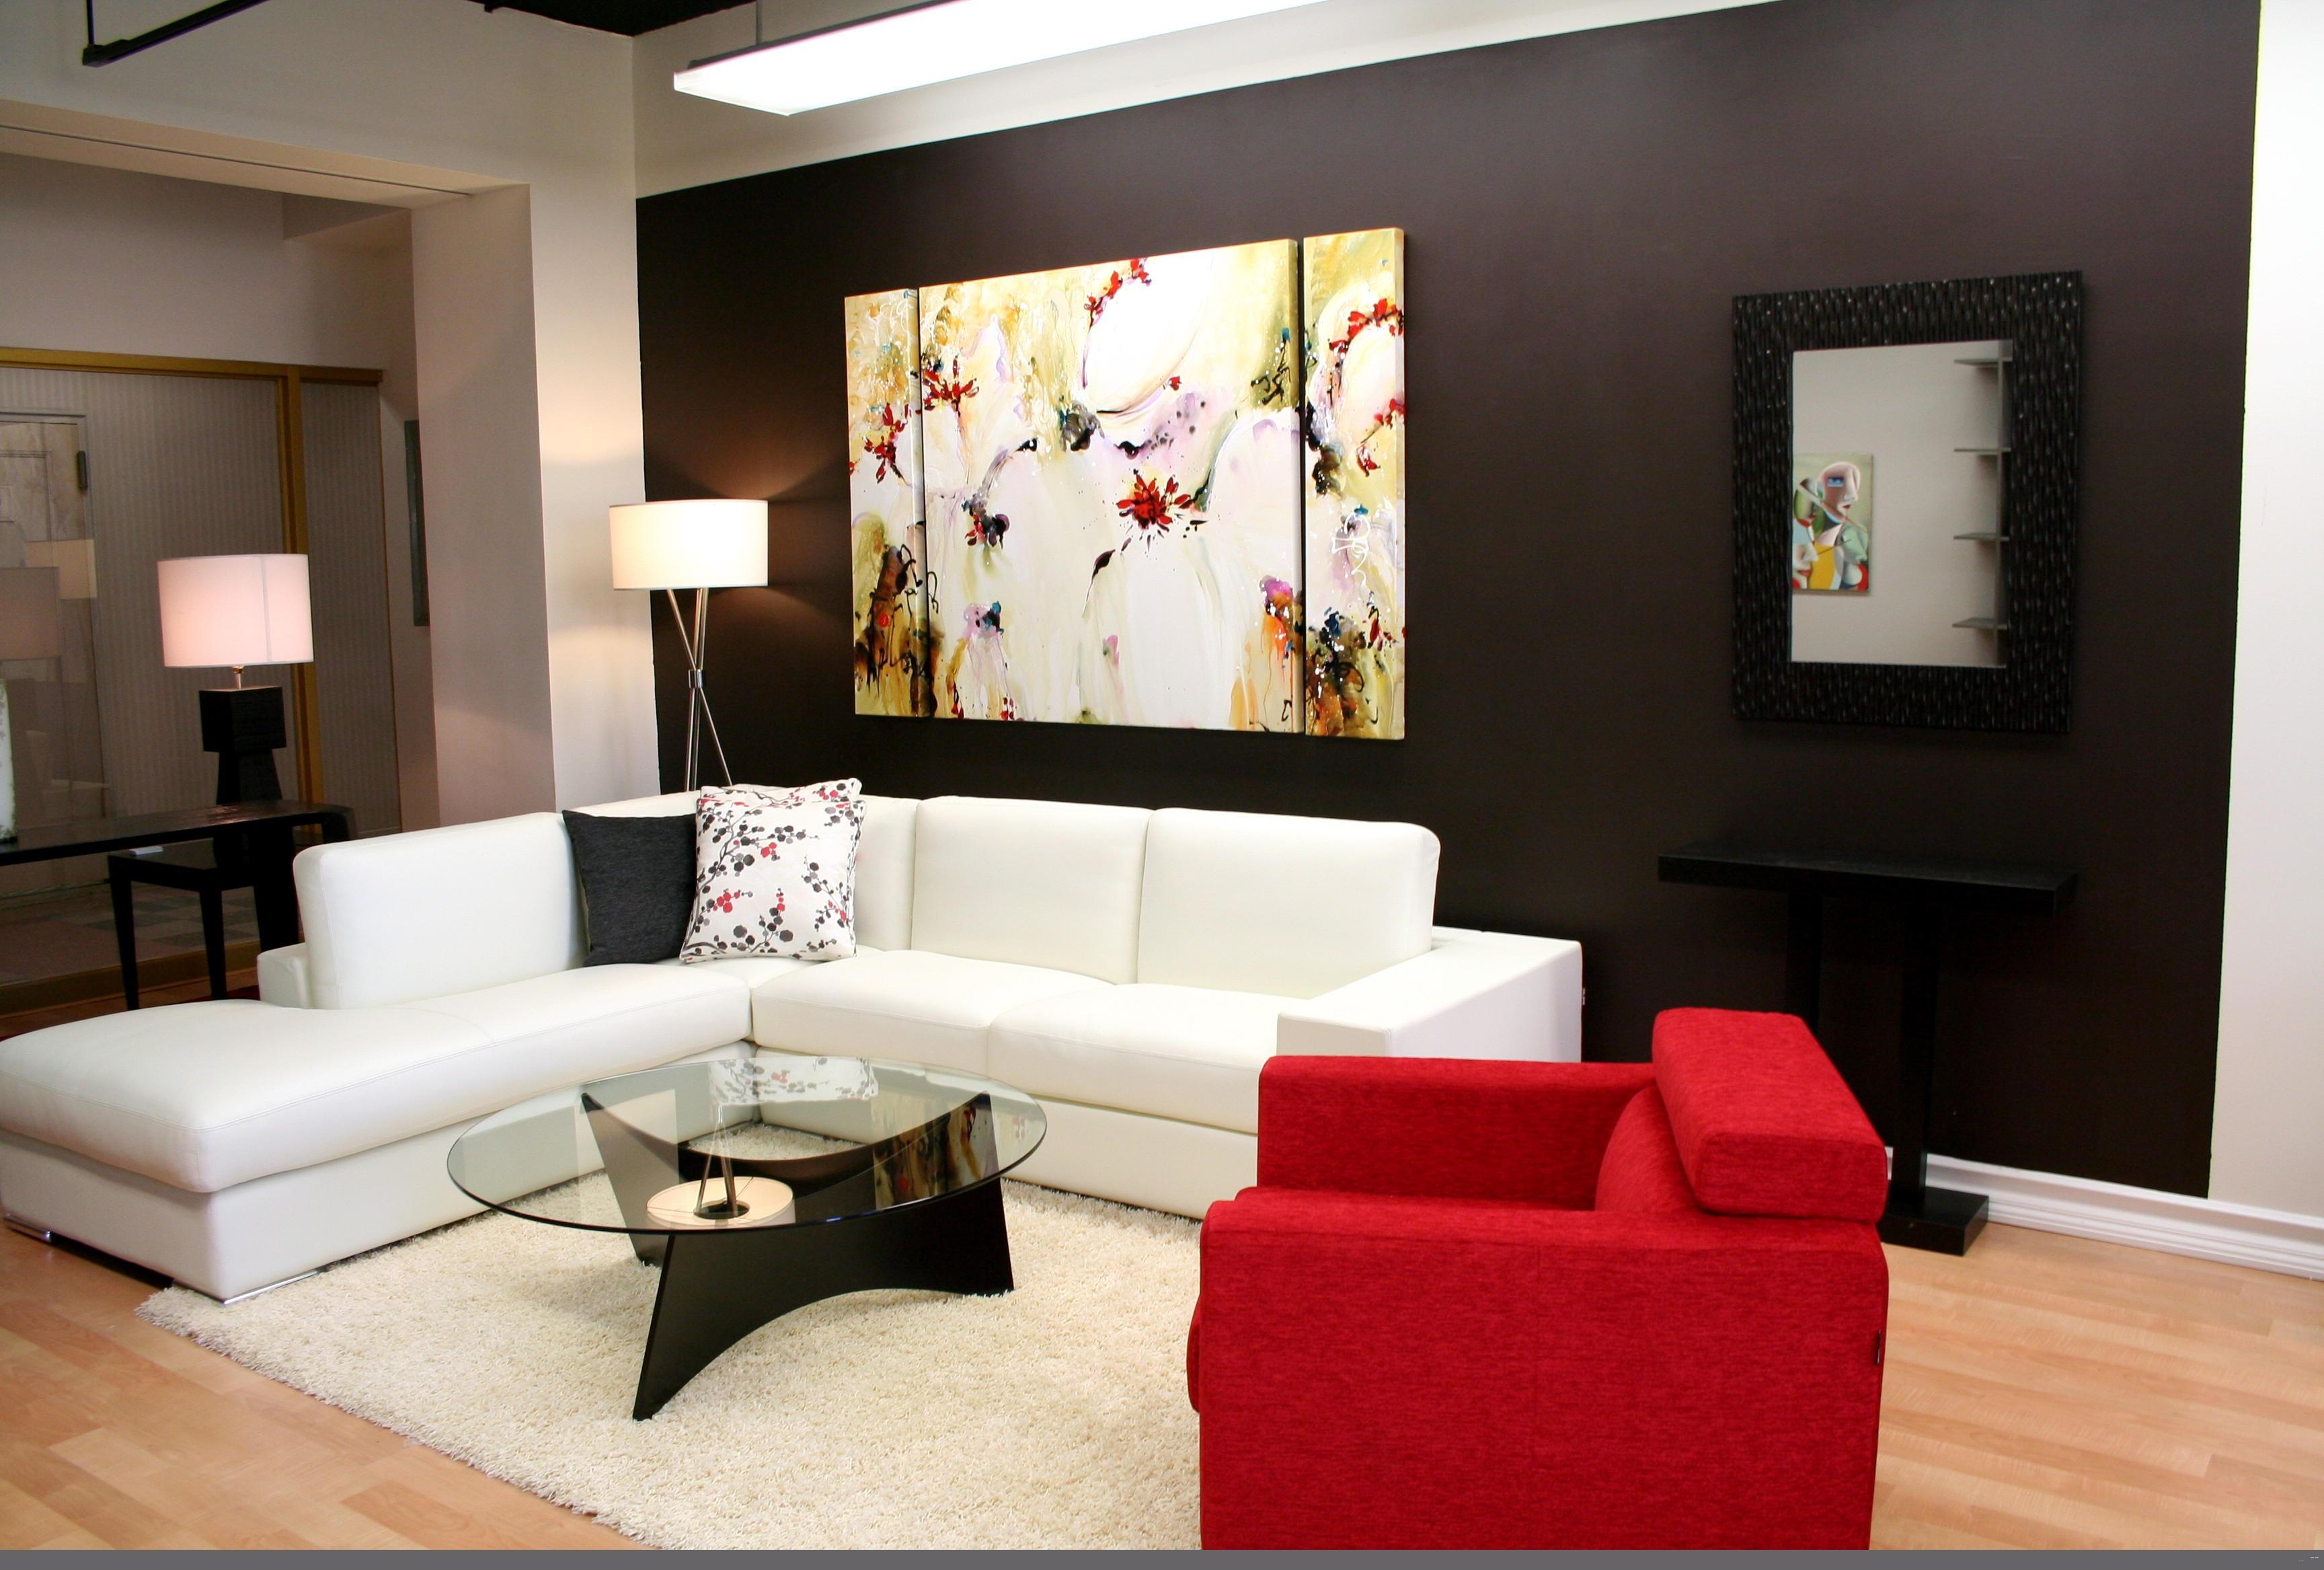 Idea hiasan dalaman ruang tamu minimalis dengan gabungan set sofa putih dan merah juga meja kopi kaca